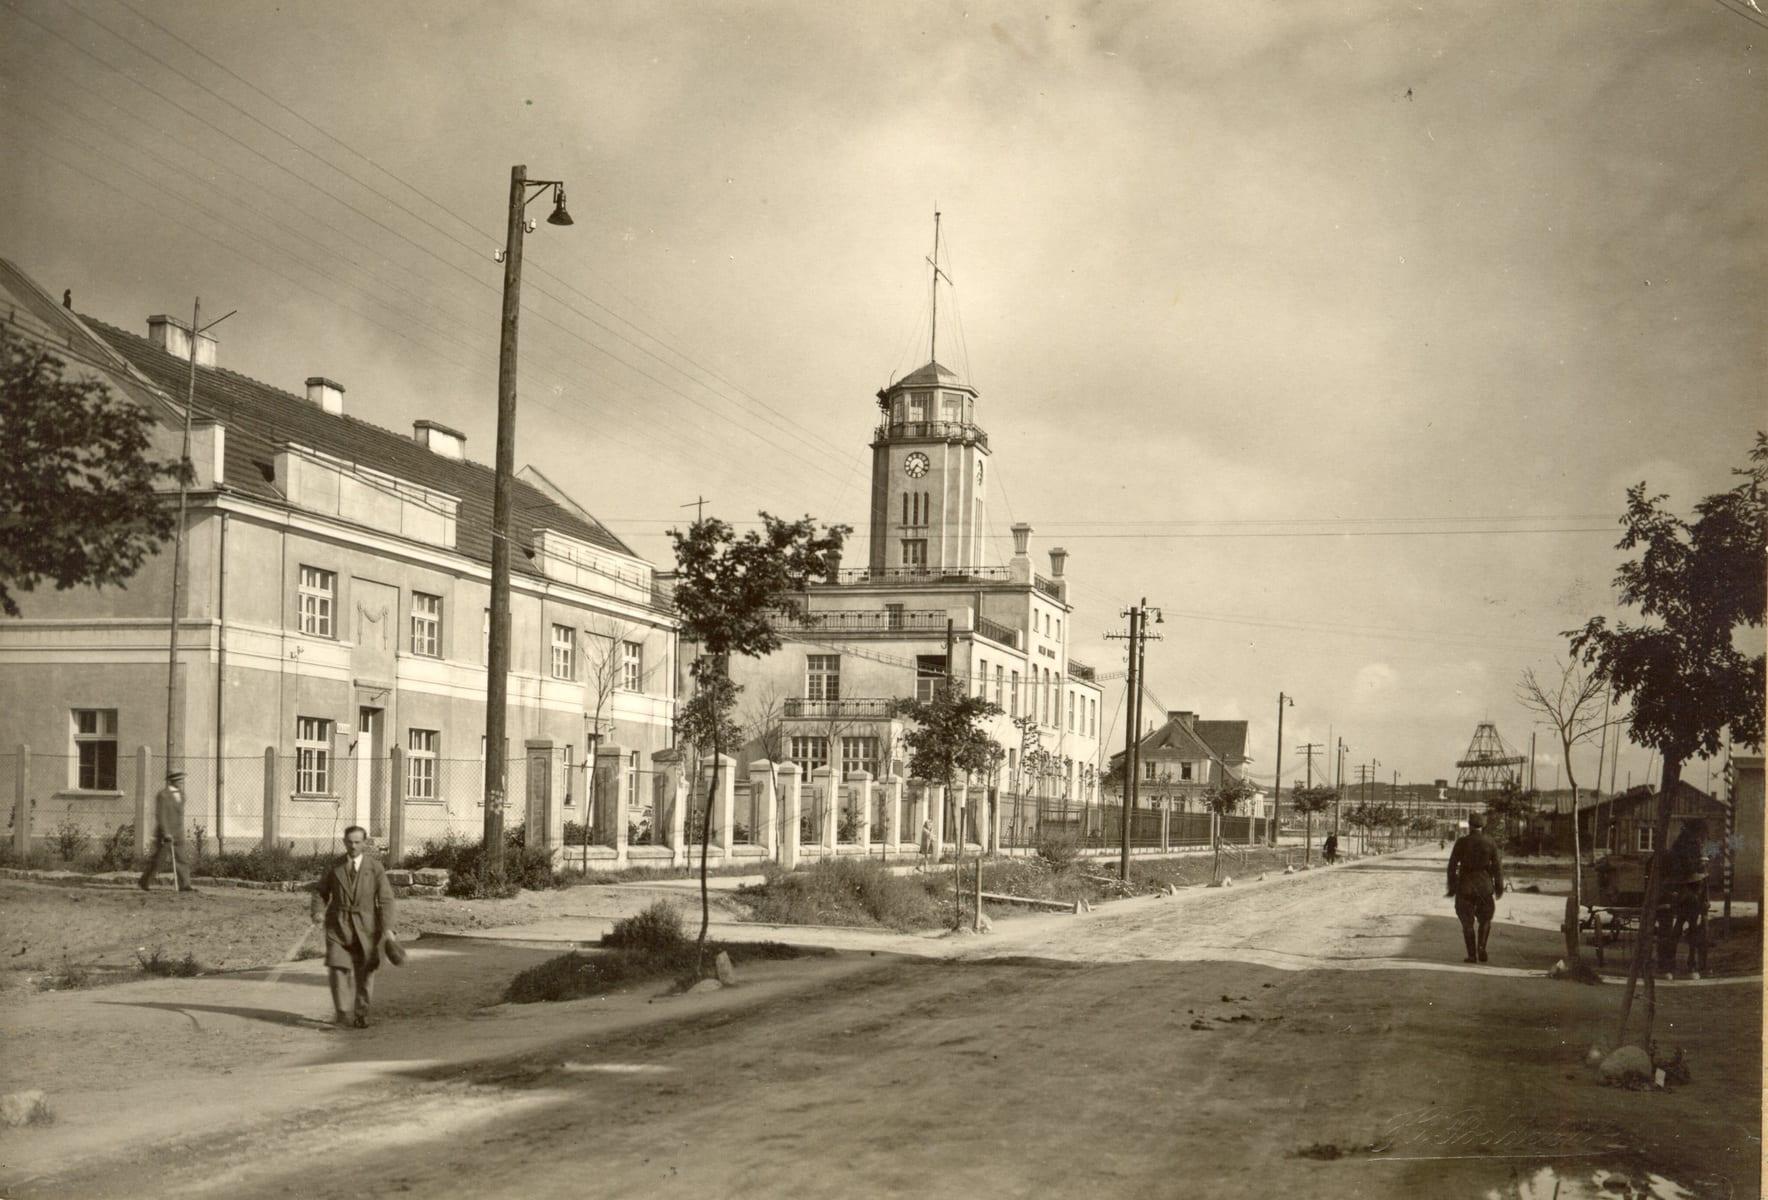 Ulica Centralna (ob. Chrzanowskiego, pośrodku budynek Urzędu Morskiego, fot. Henryk Poddębski, 1930 r. (fot. ze zbiorów Muzeum Miasta Gdyni)